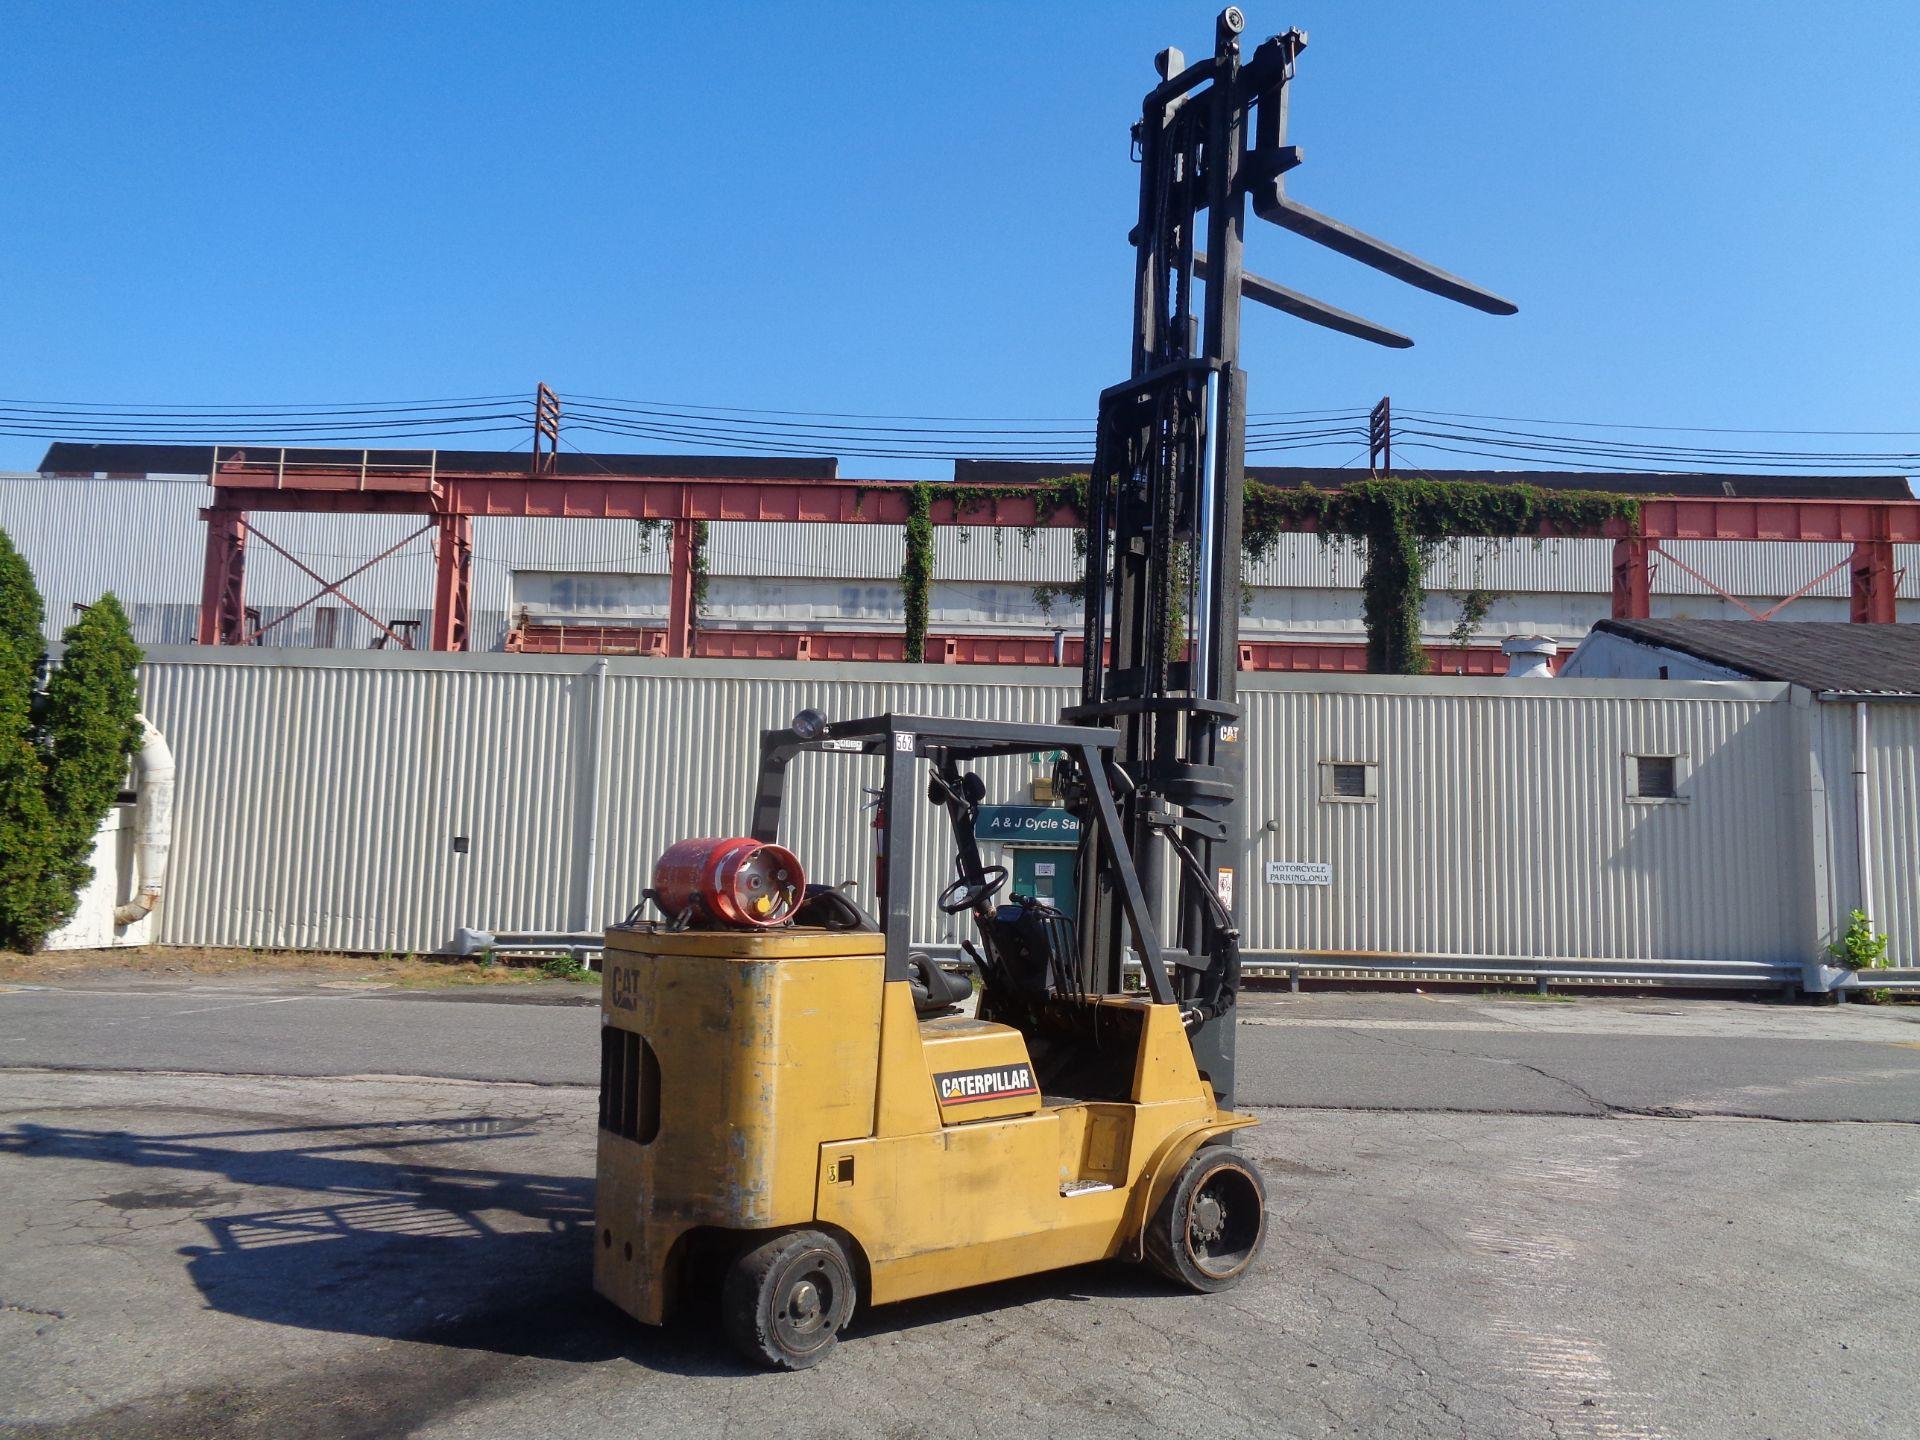 Caterpillar GC55KSTR 11,000lb Forklift - Image 10 of 14